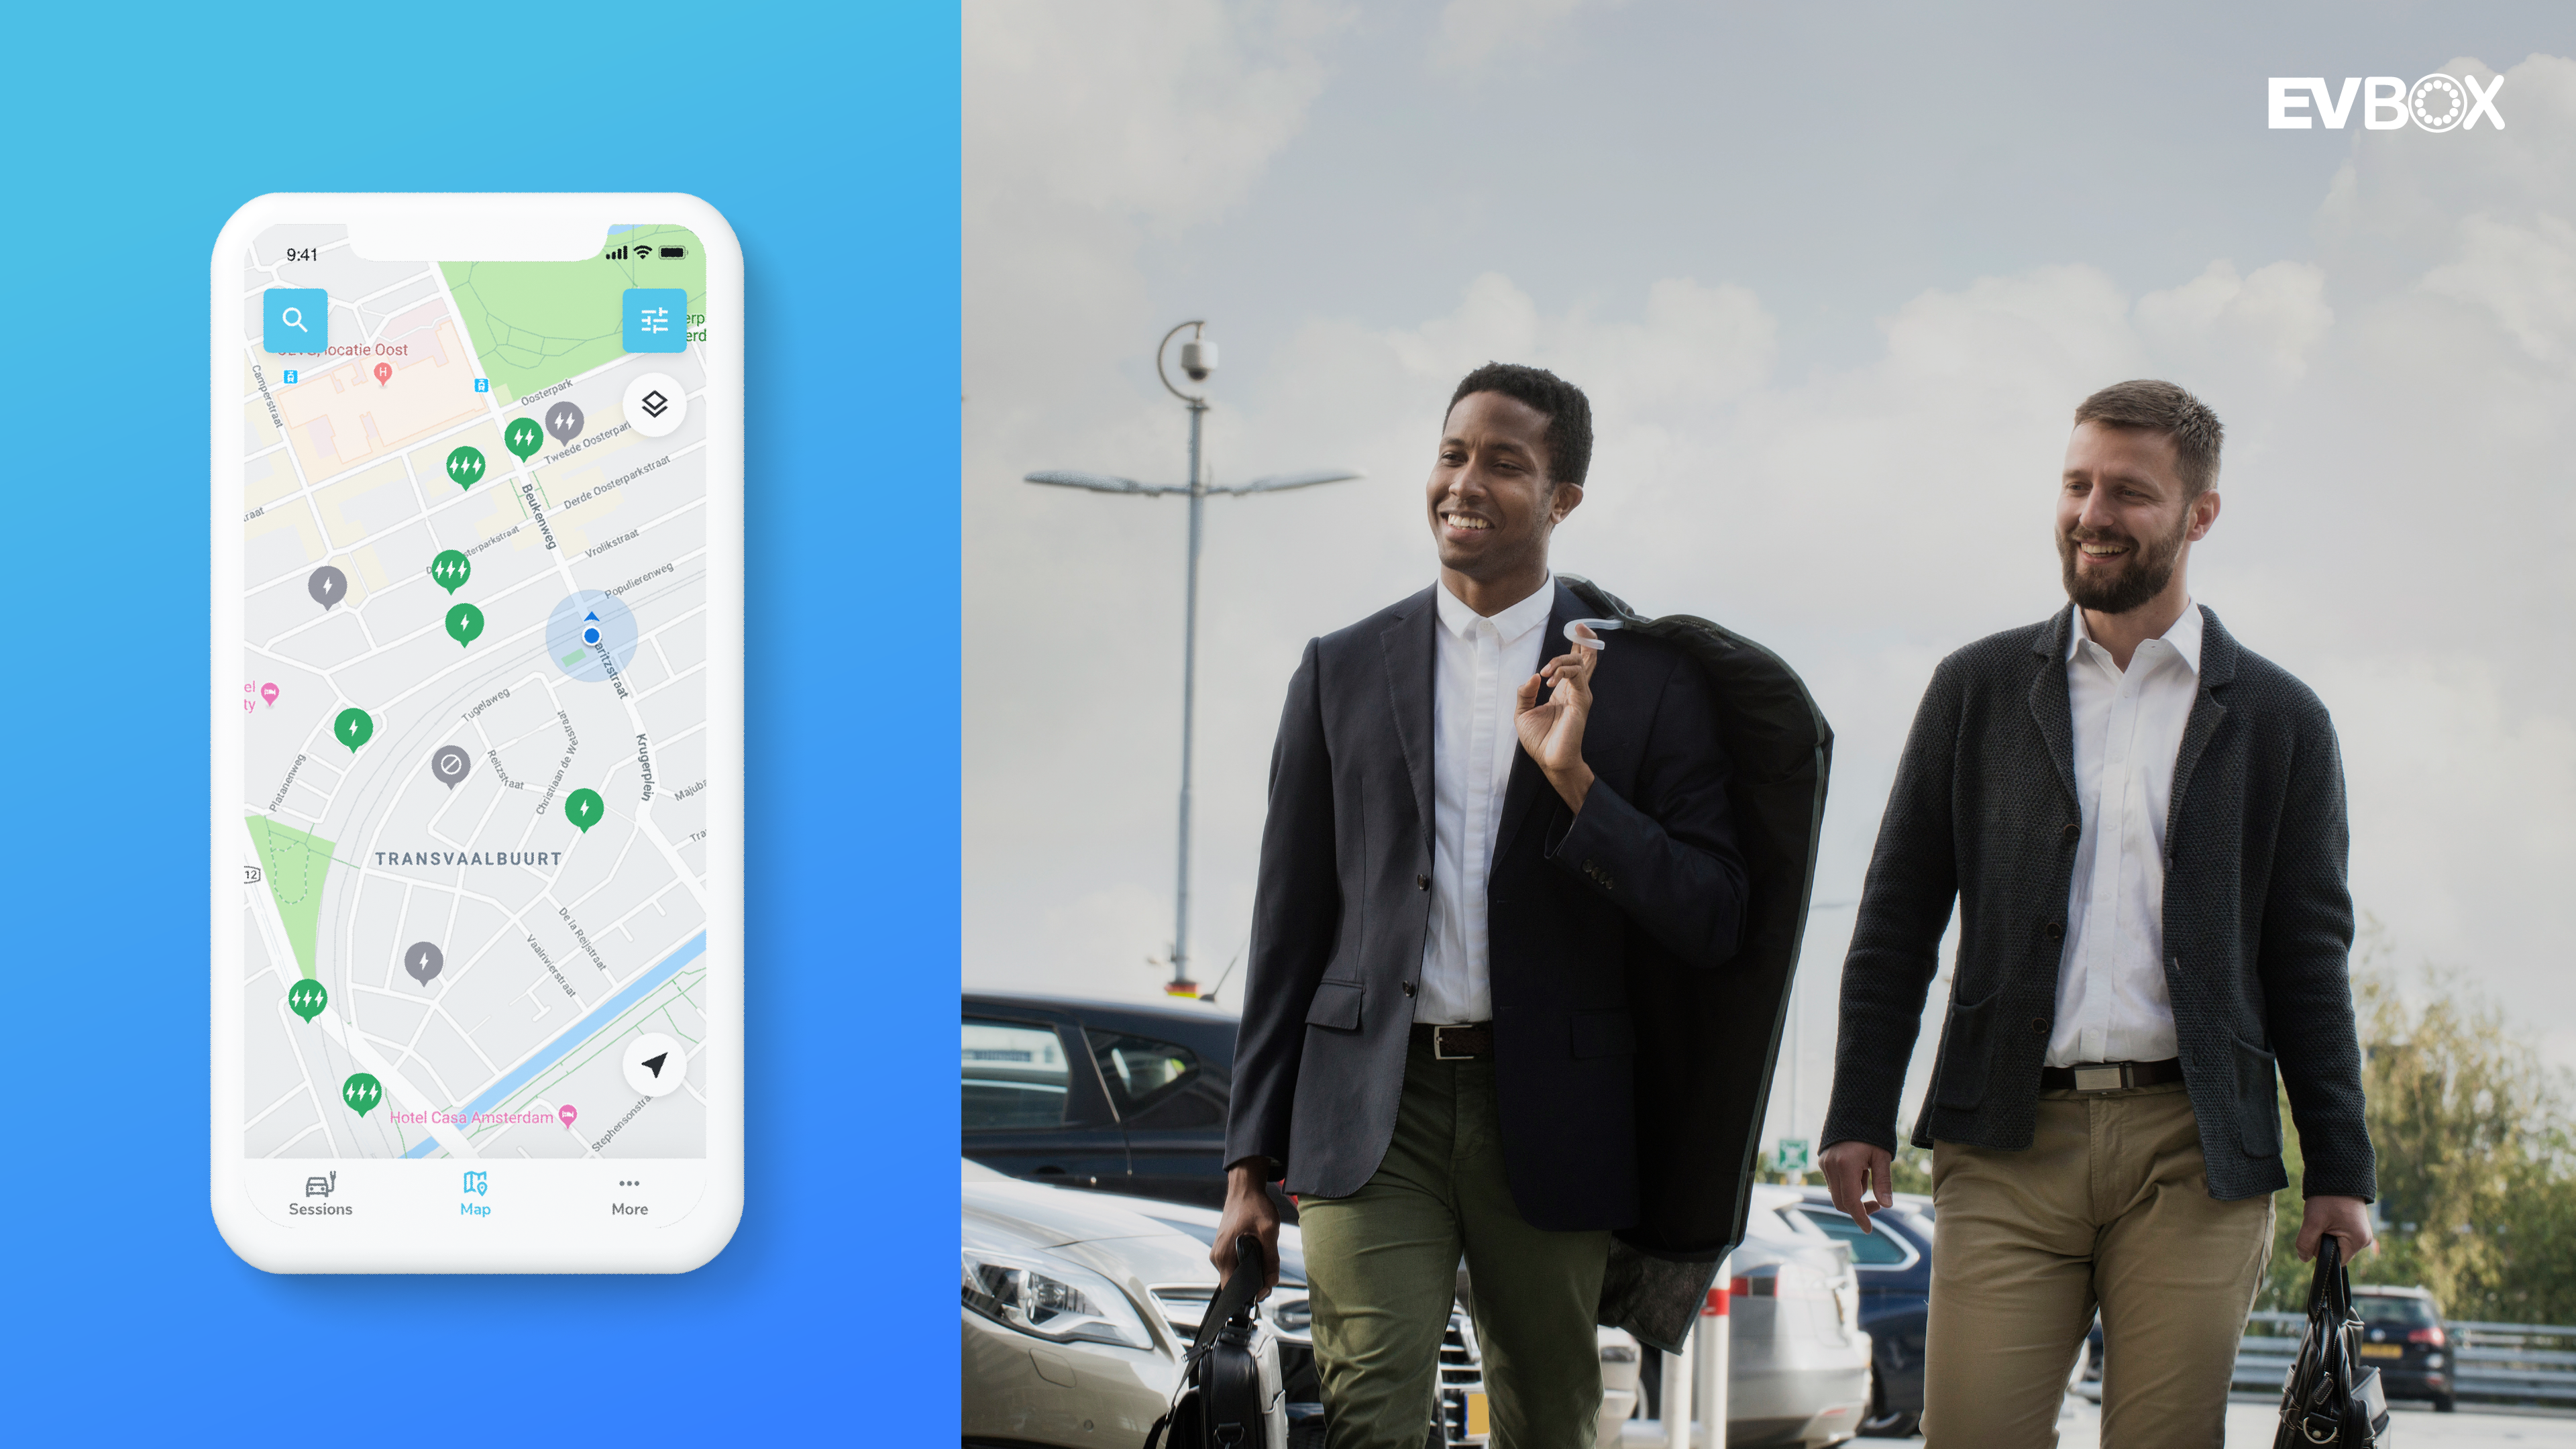 EV charging station app